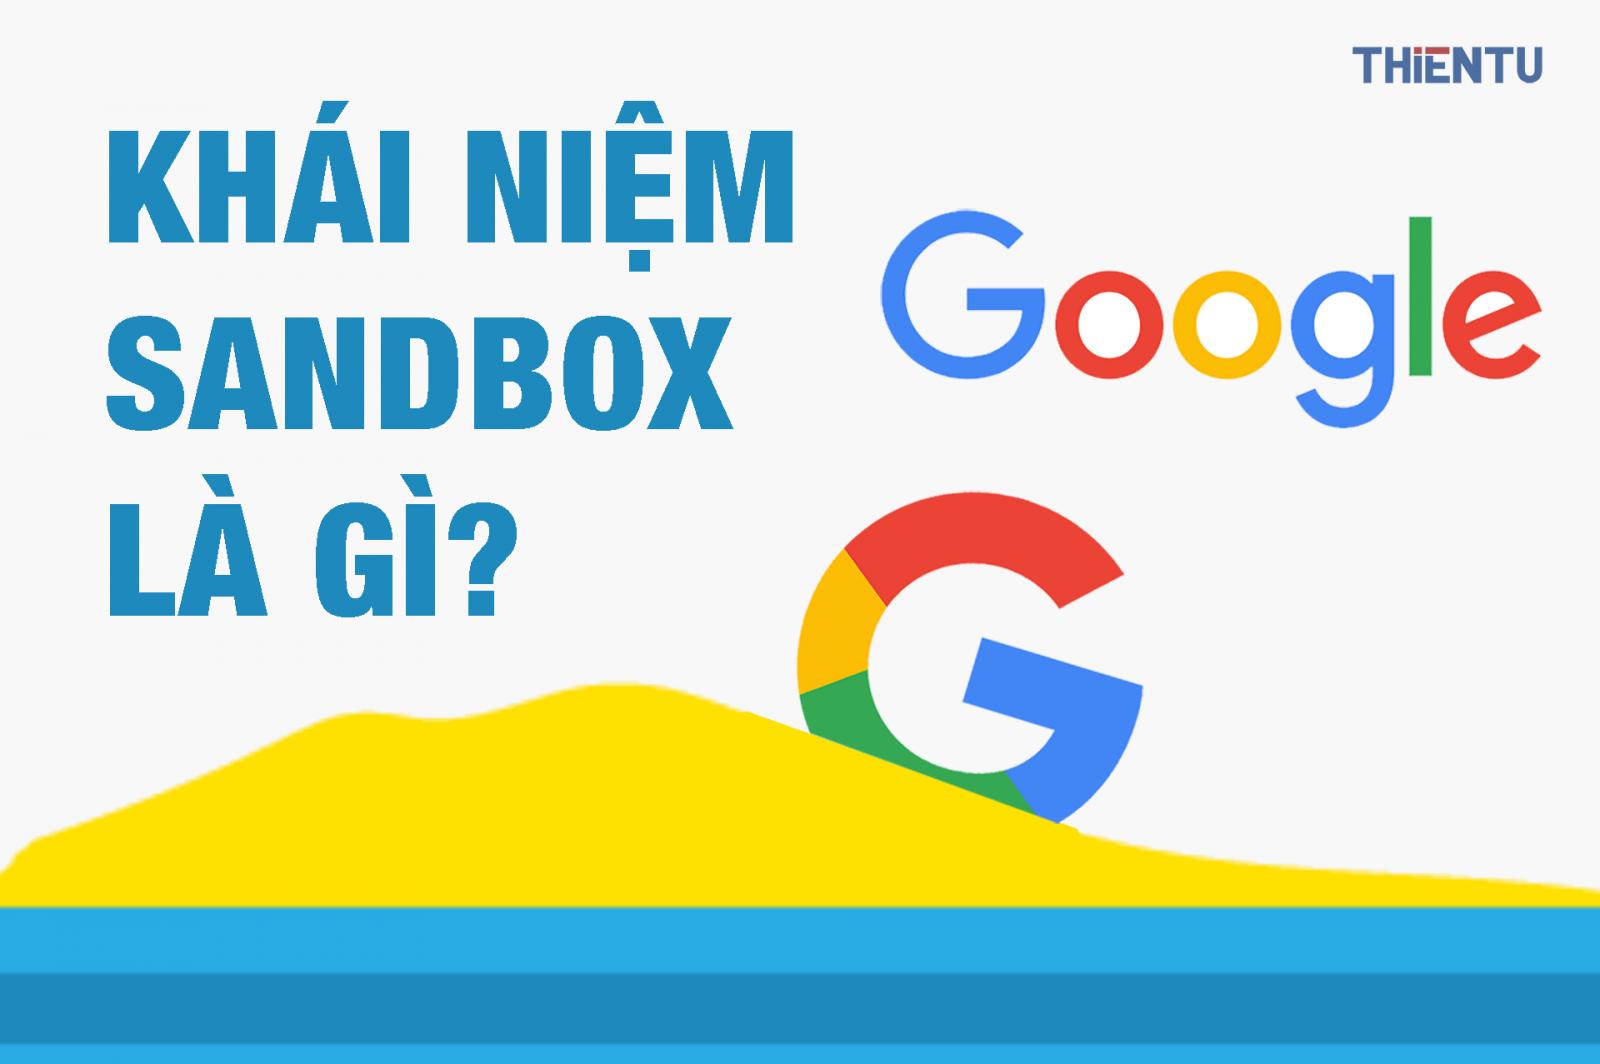 Tìm hiểu Google sandbox là gì?